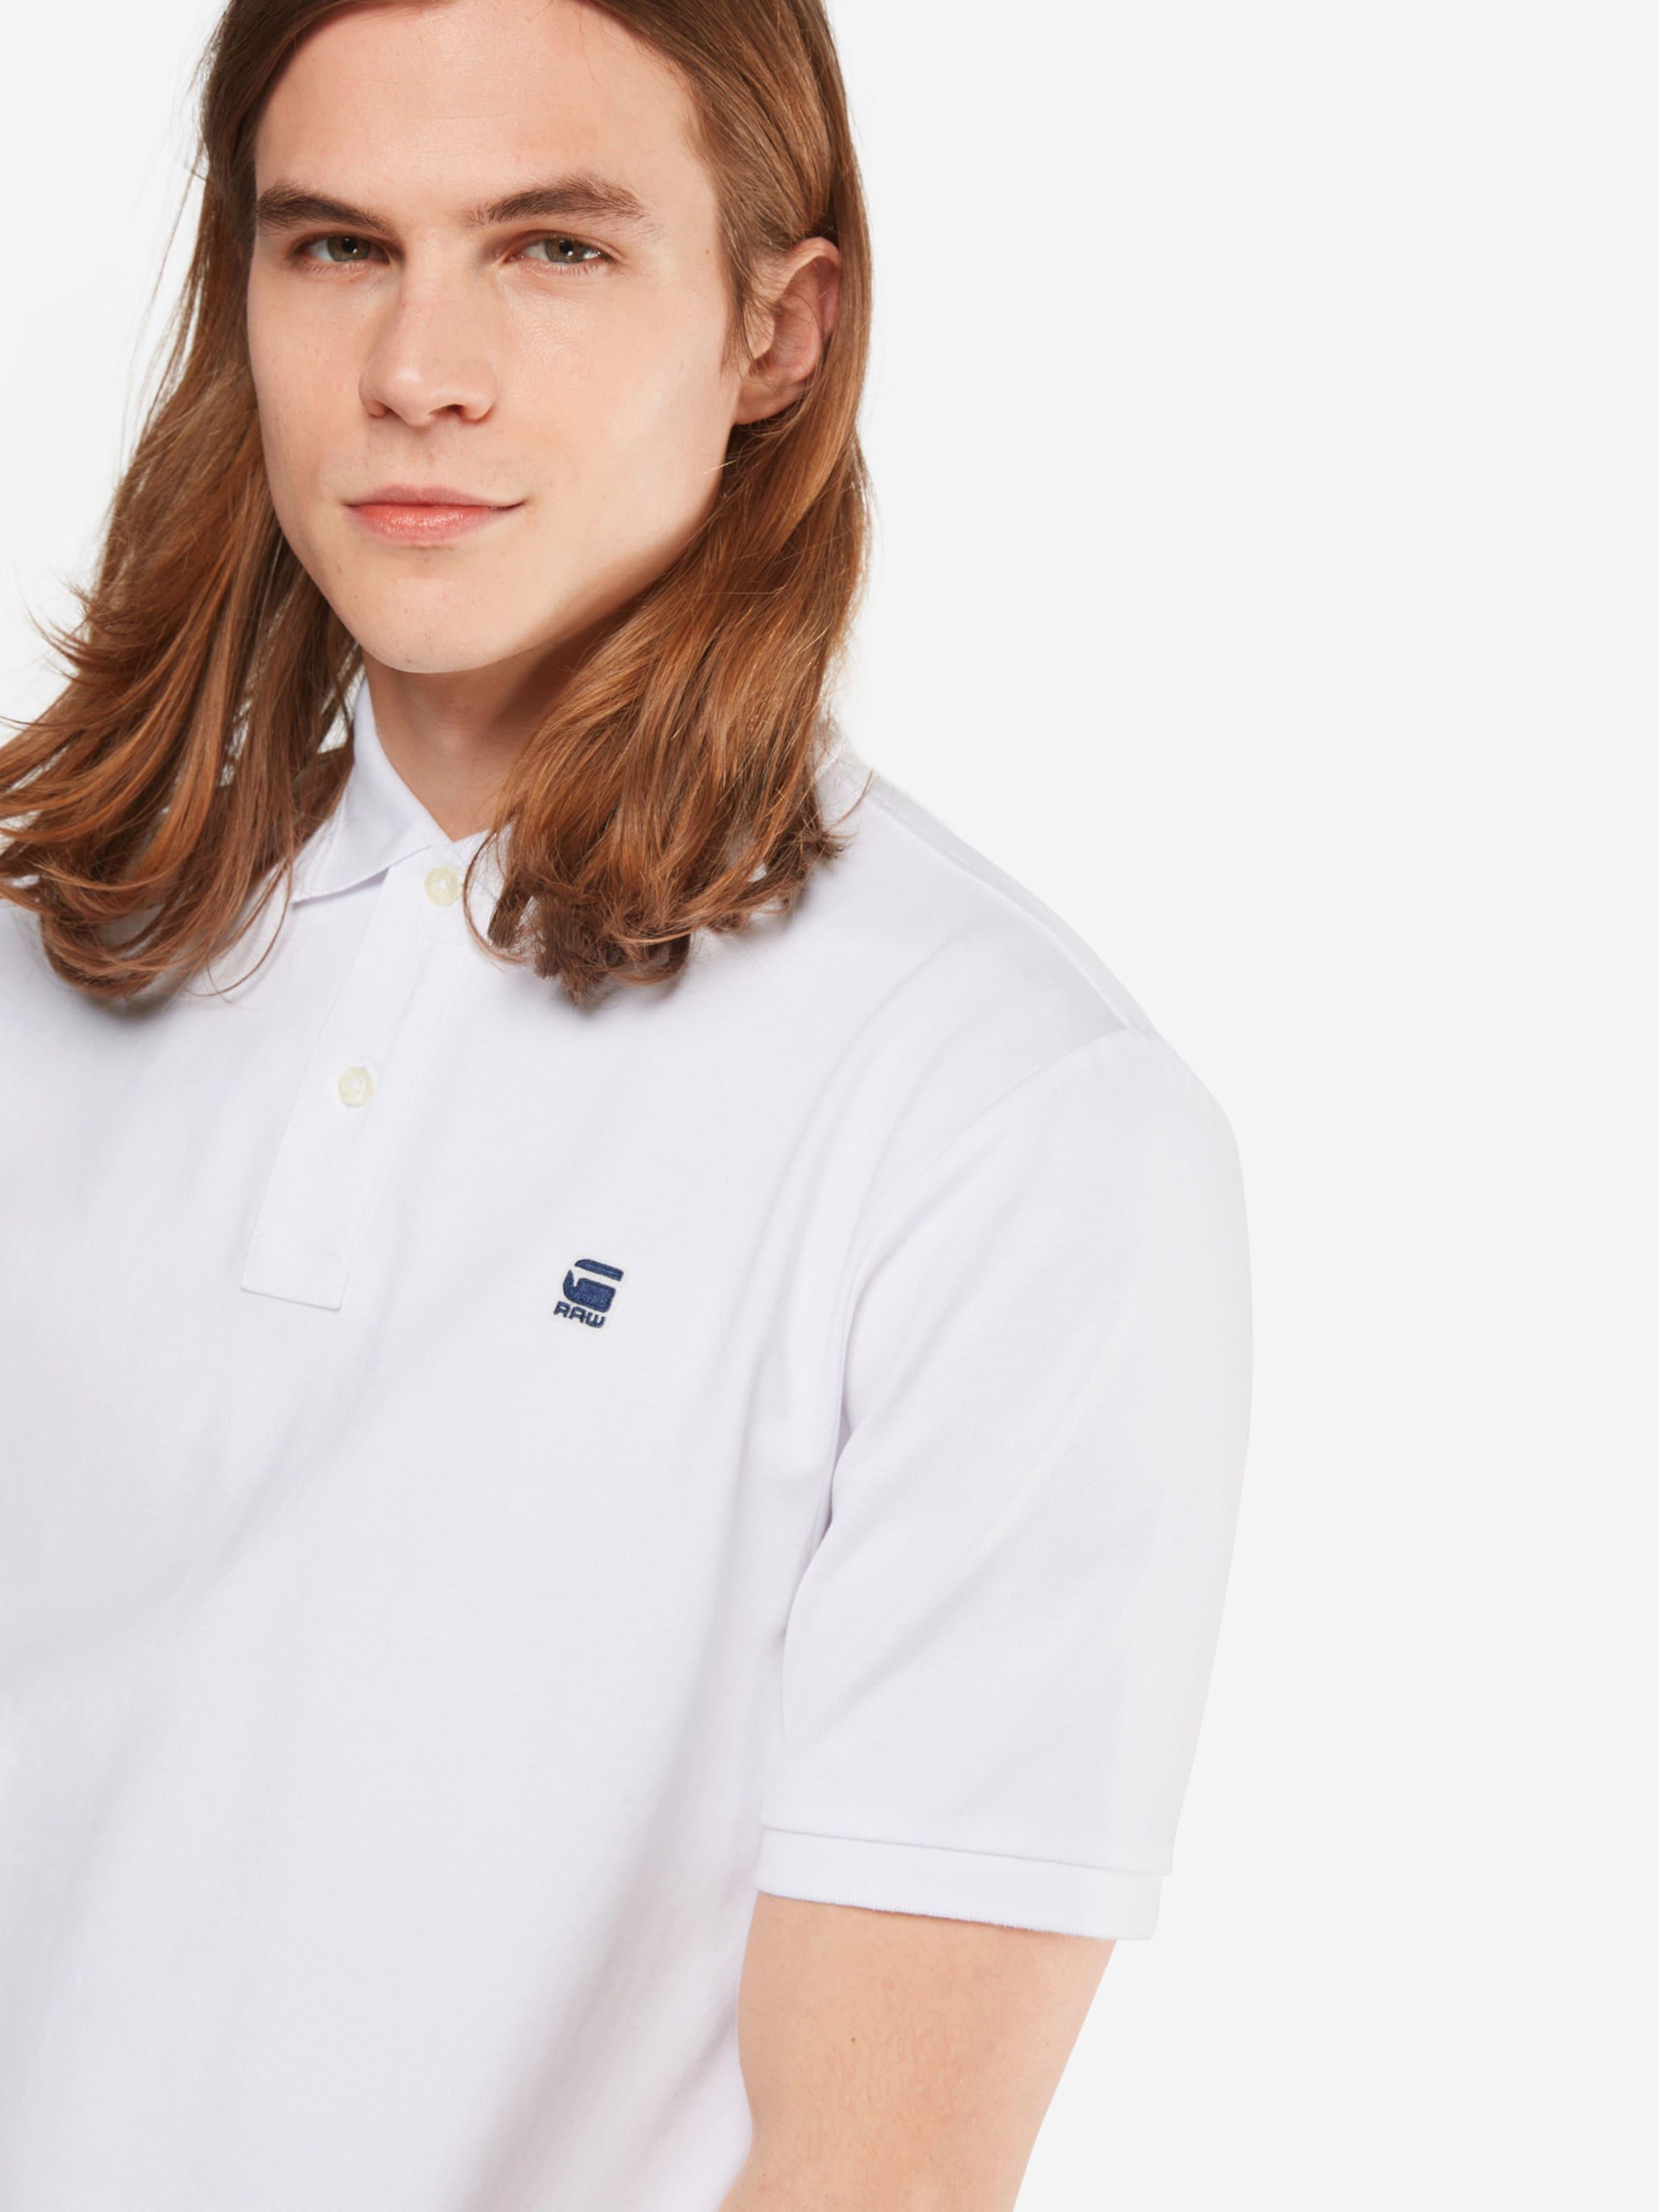 Rabatt Verkauf G-STAR RAW Poloshirt 'Dunda' Spielraum Viele Arten Von Freies Verschiffen Niedrig Kosten 2018 Online-Verkauf Rabatt Echte oNWYI